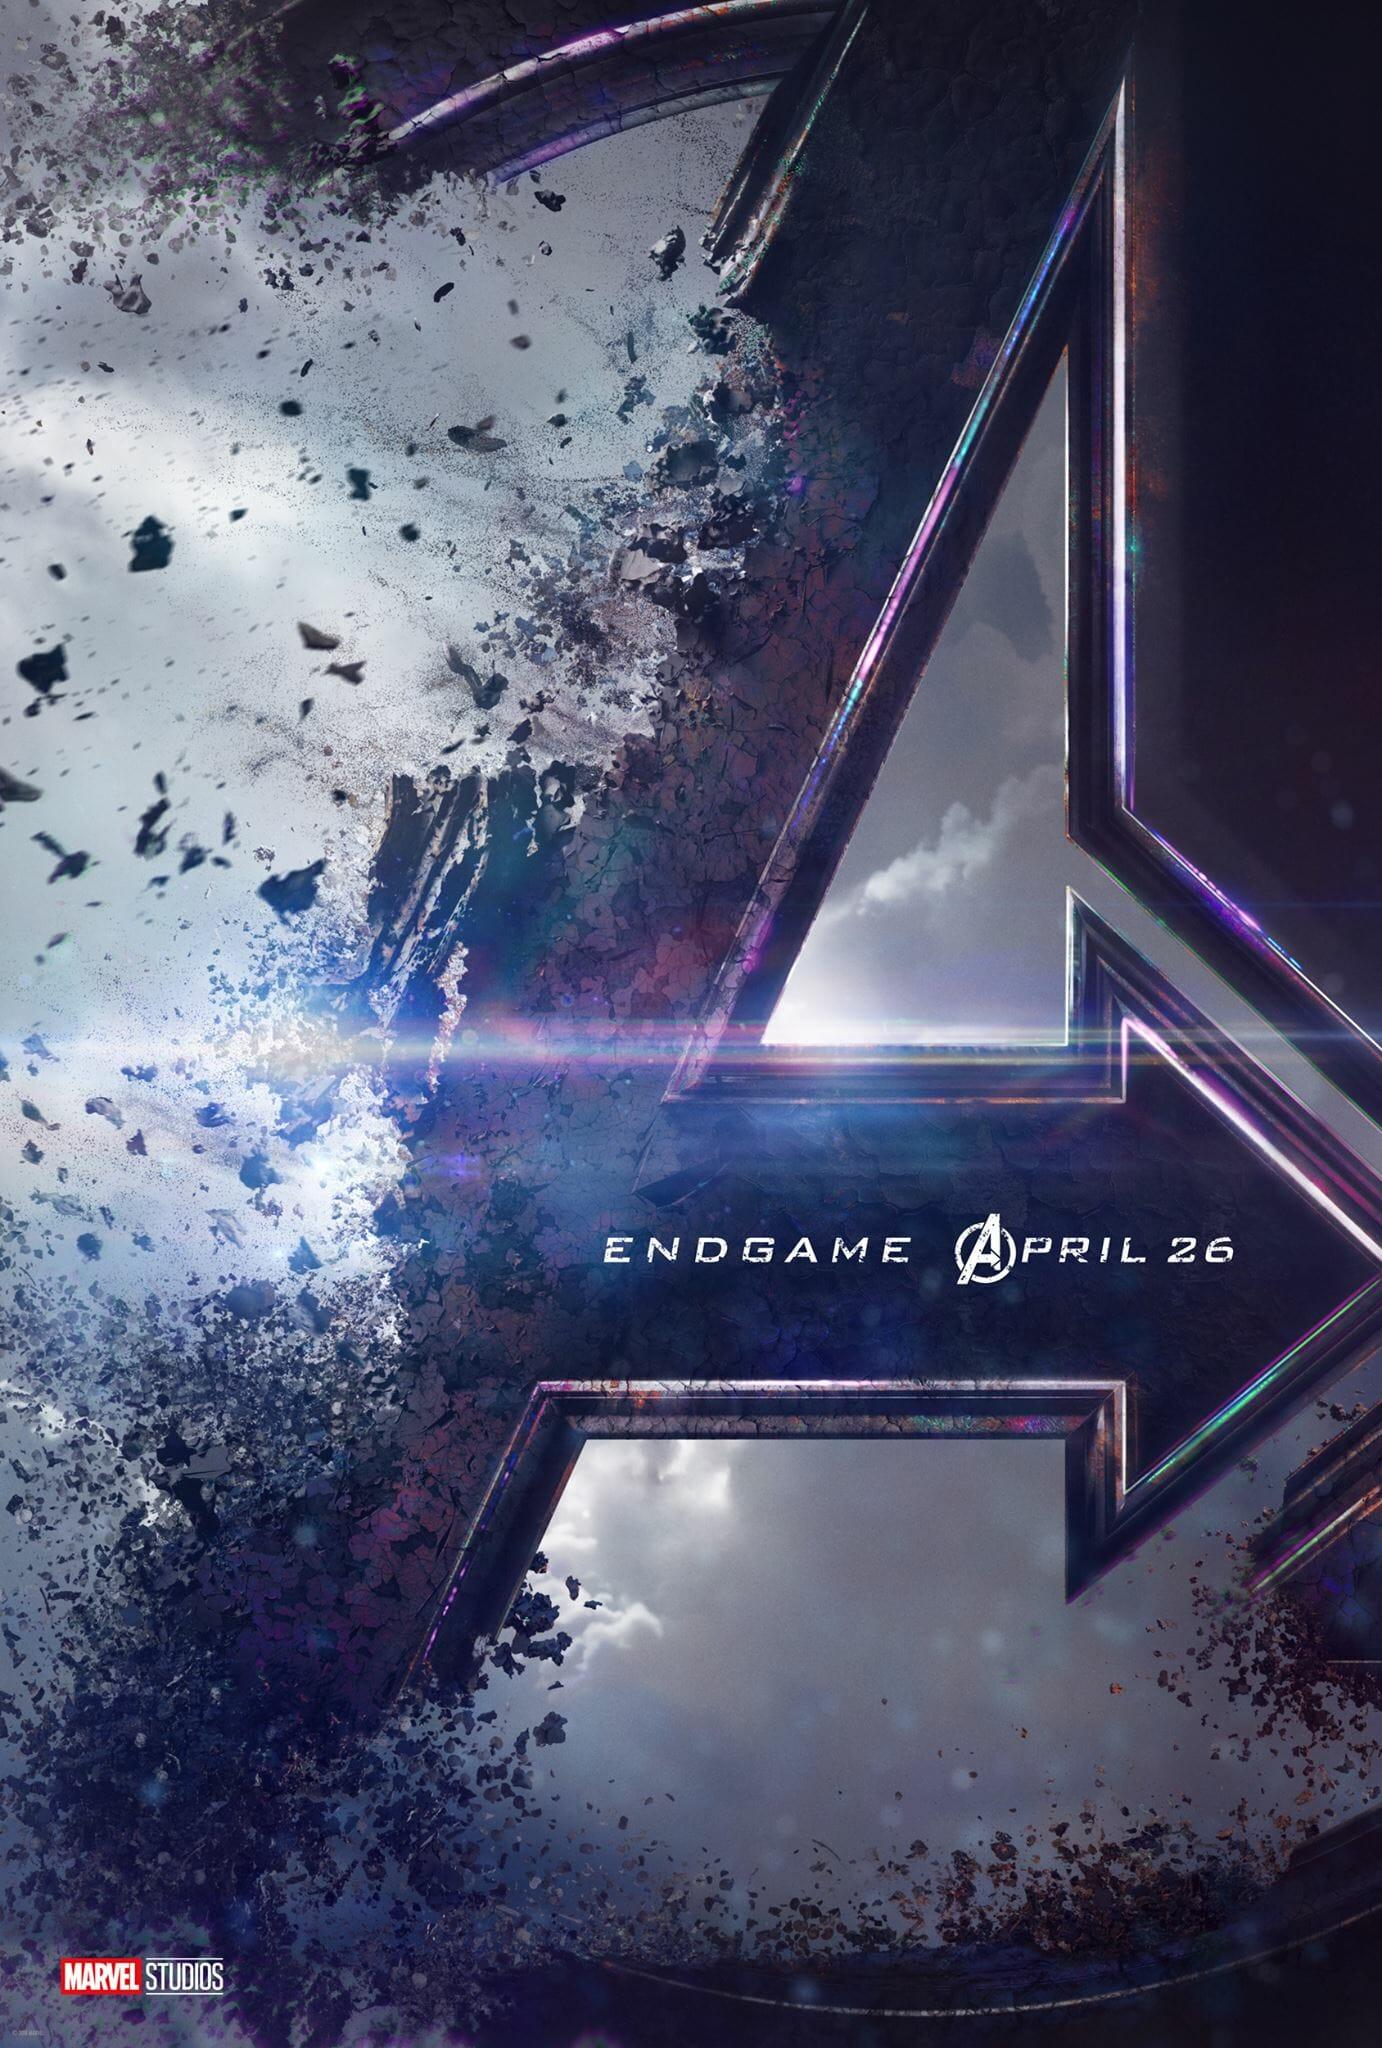 Avengers: Endgame - first poster